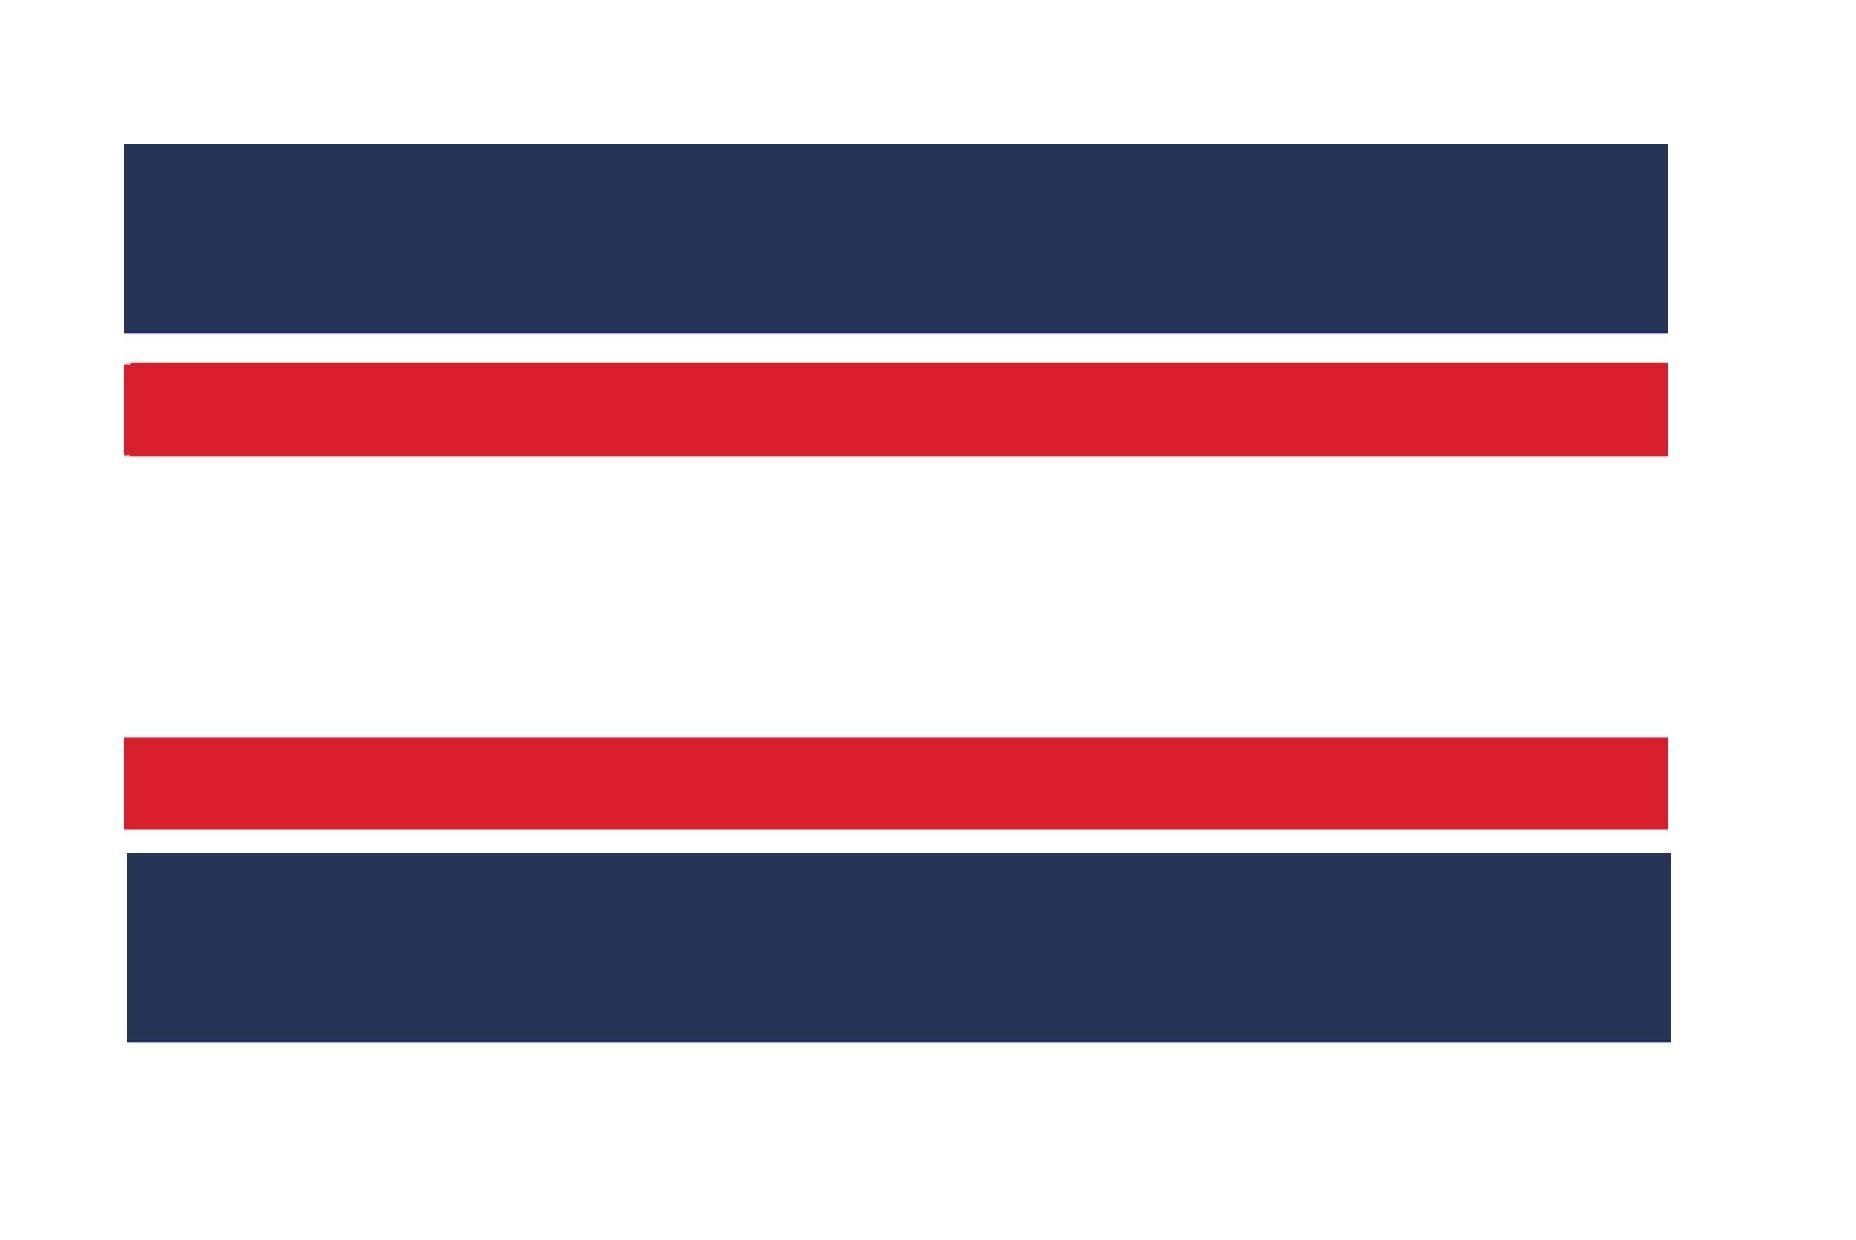 New England Patriots Team Colors Wallpaper Border Colorful Wallpaper Patriots Team New England Patriots